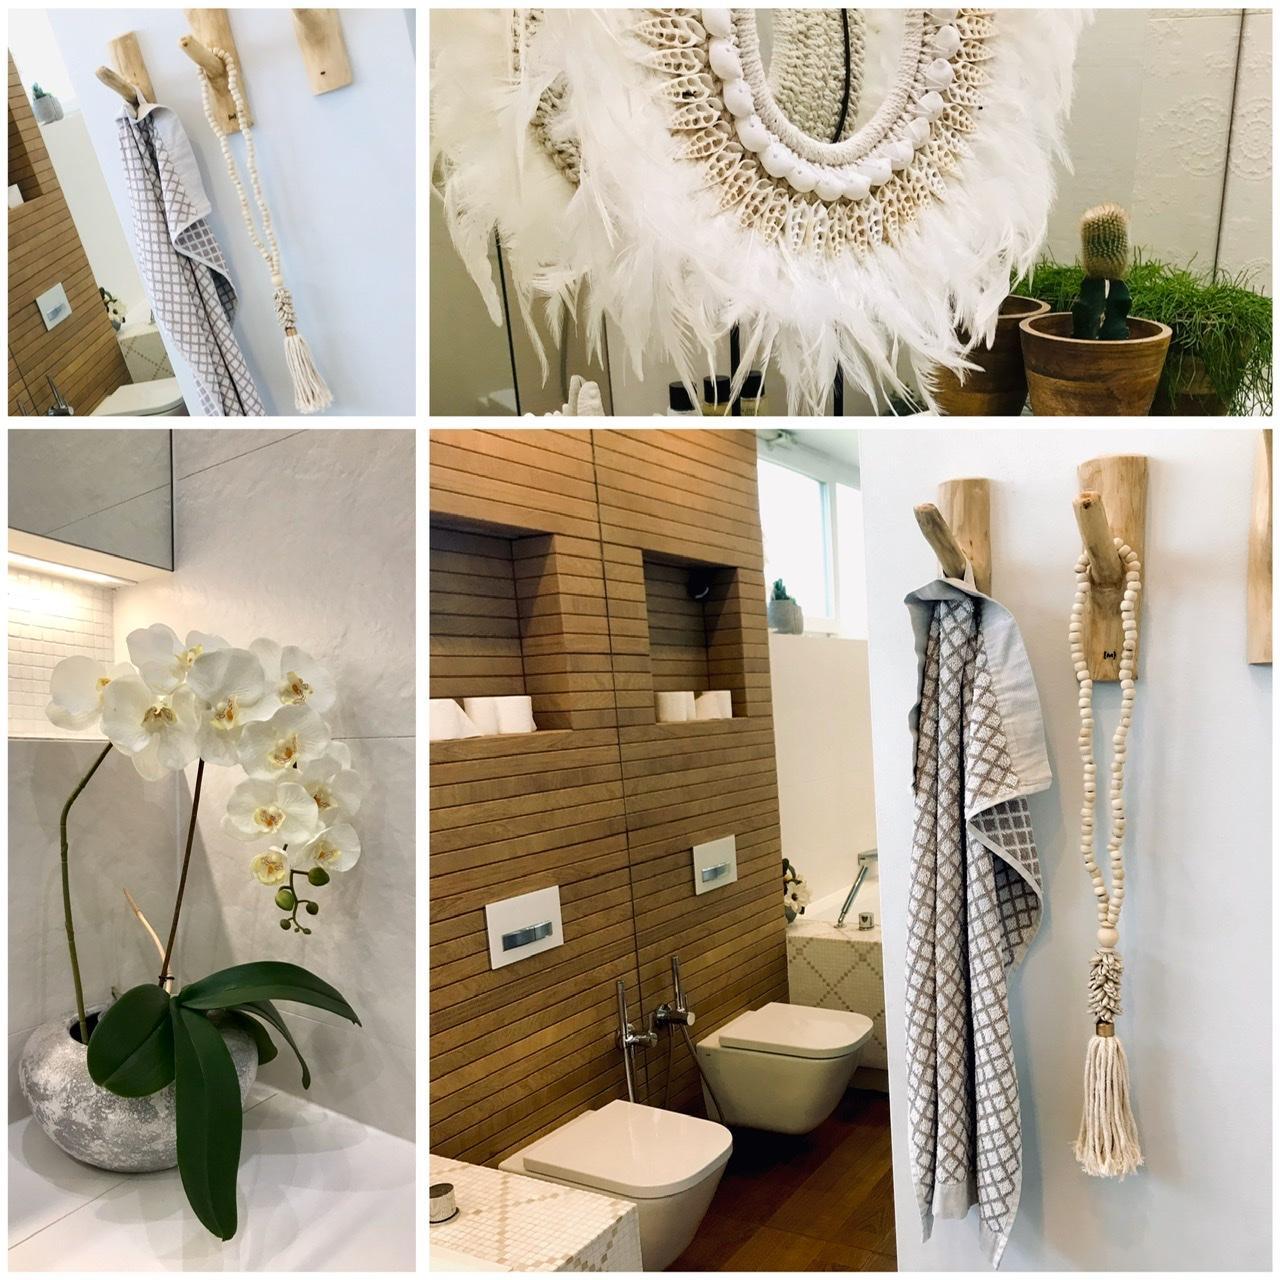 Naše L-ko - 2021 - stále dokončujeme - Kúpelňa a prírodné dekorácie